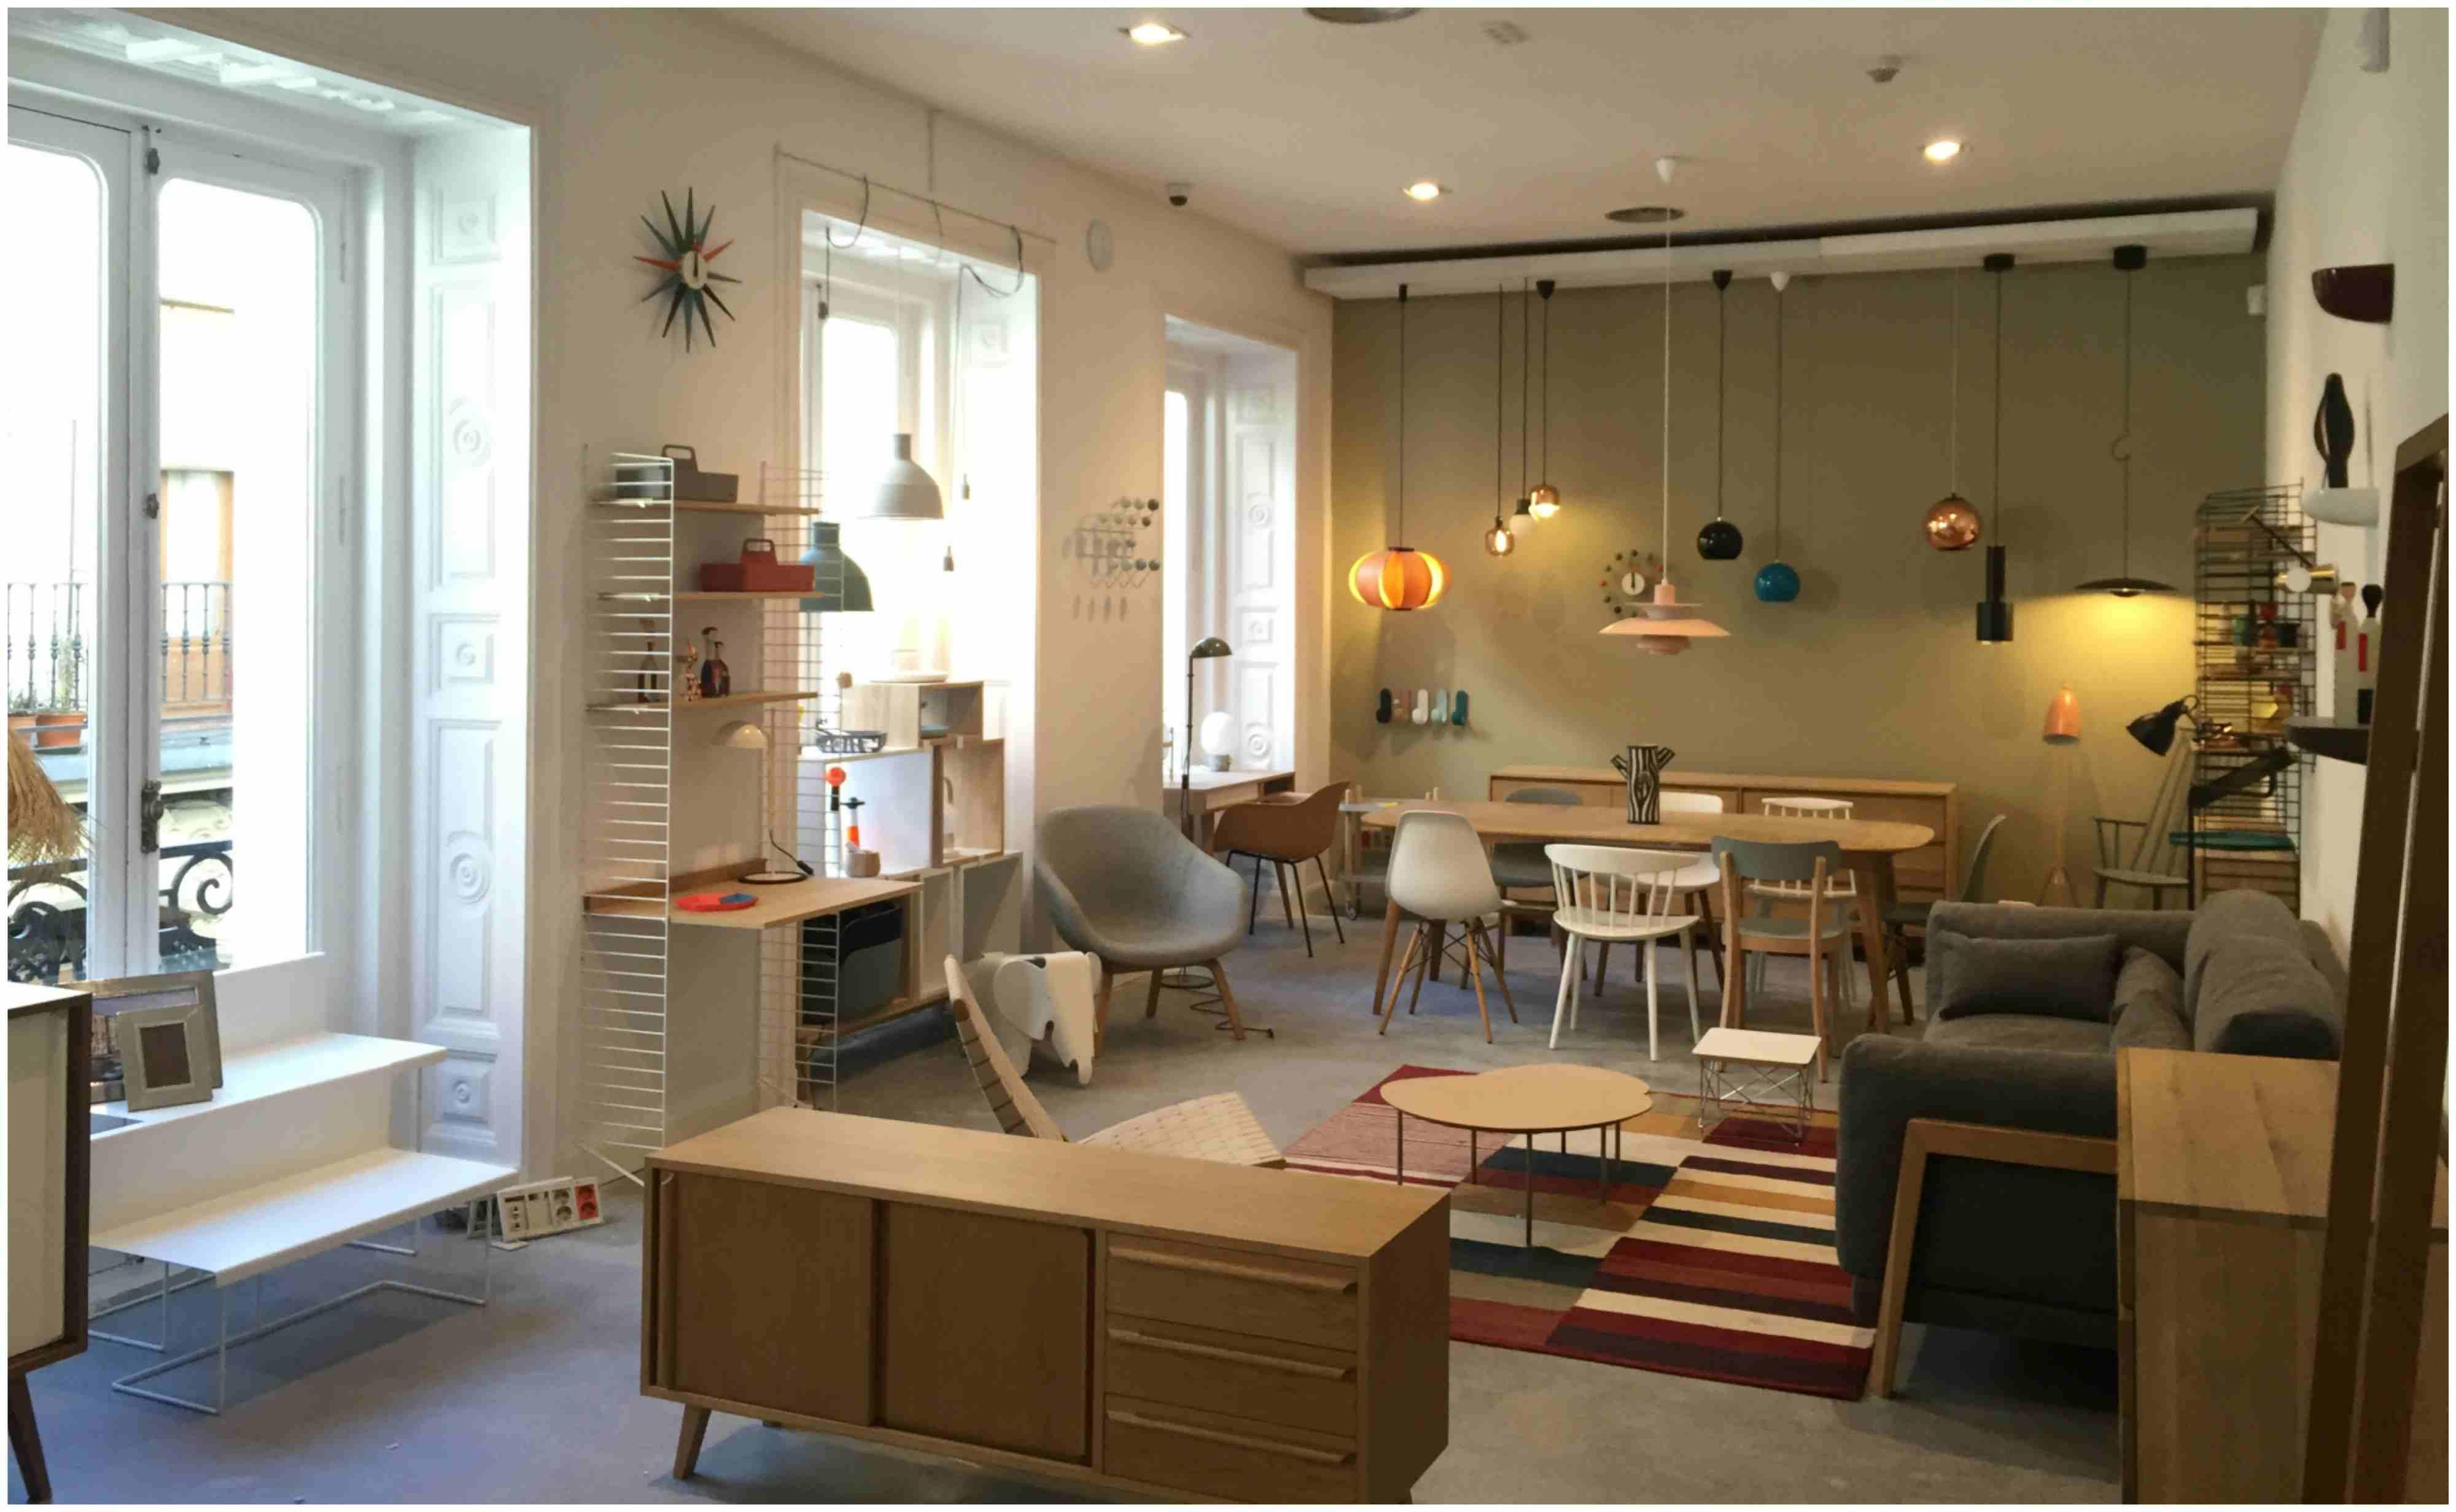 Clave diseno de espacios comerciales 3g office Raul Escudero. EL PARACAIDISTA MALASAnA MADRID rETAIL